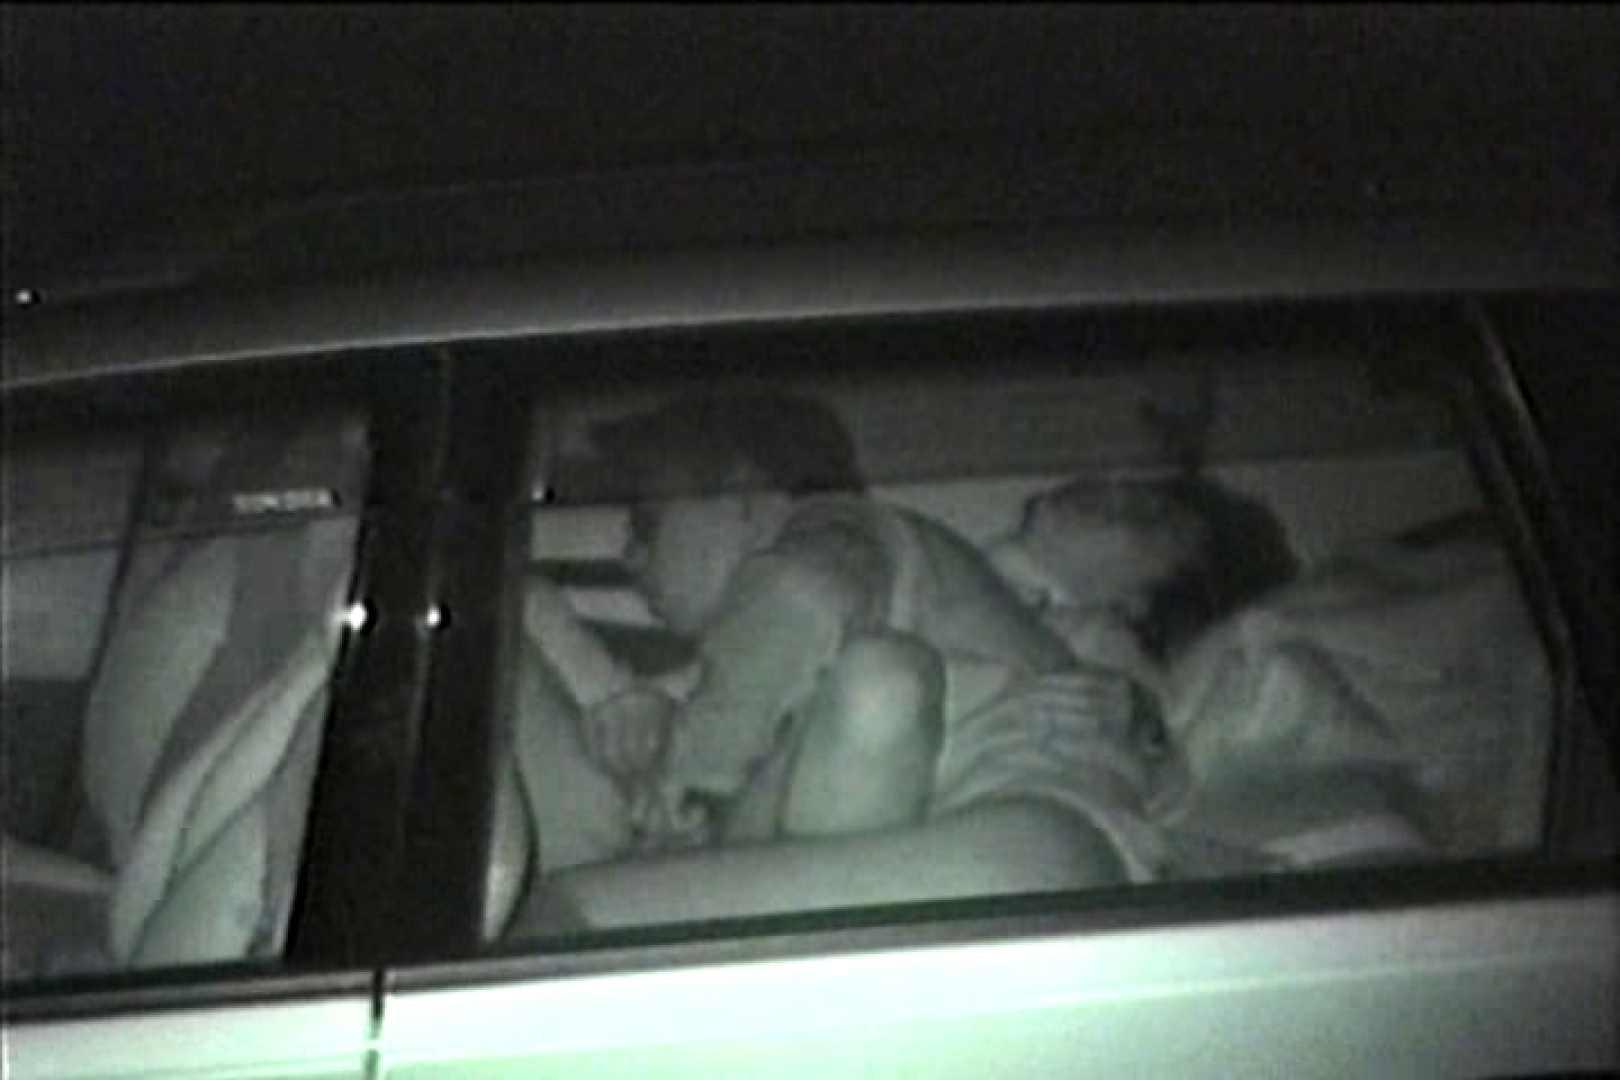 車の中はラブホテル 無修正版  Vol.7 セックス流出映像 ヌード画像 96連発 67